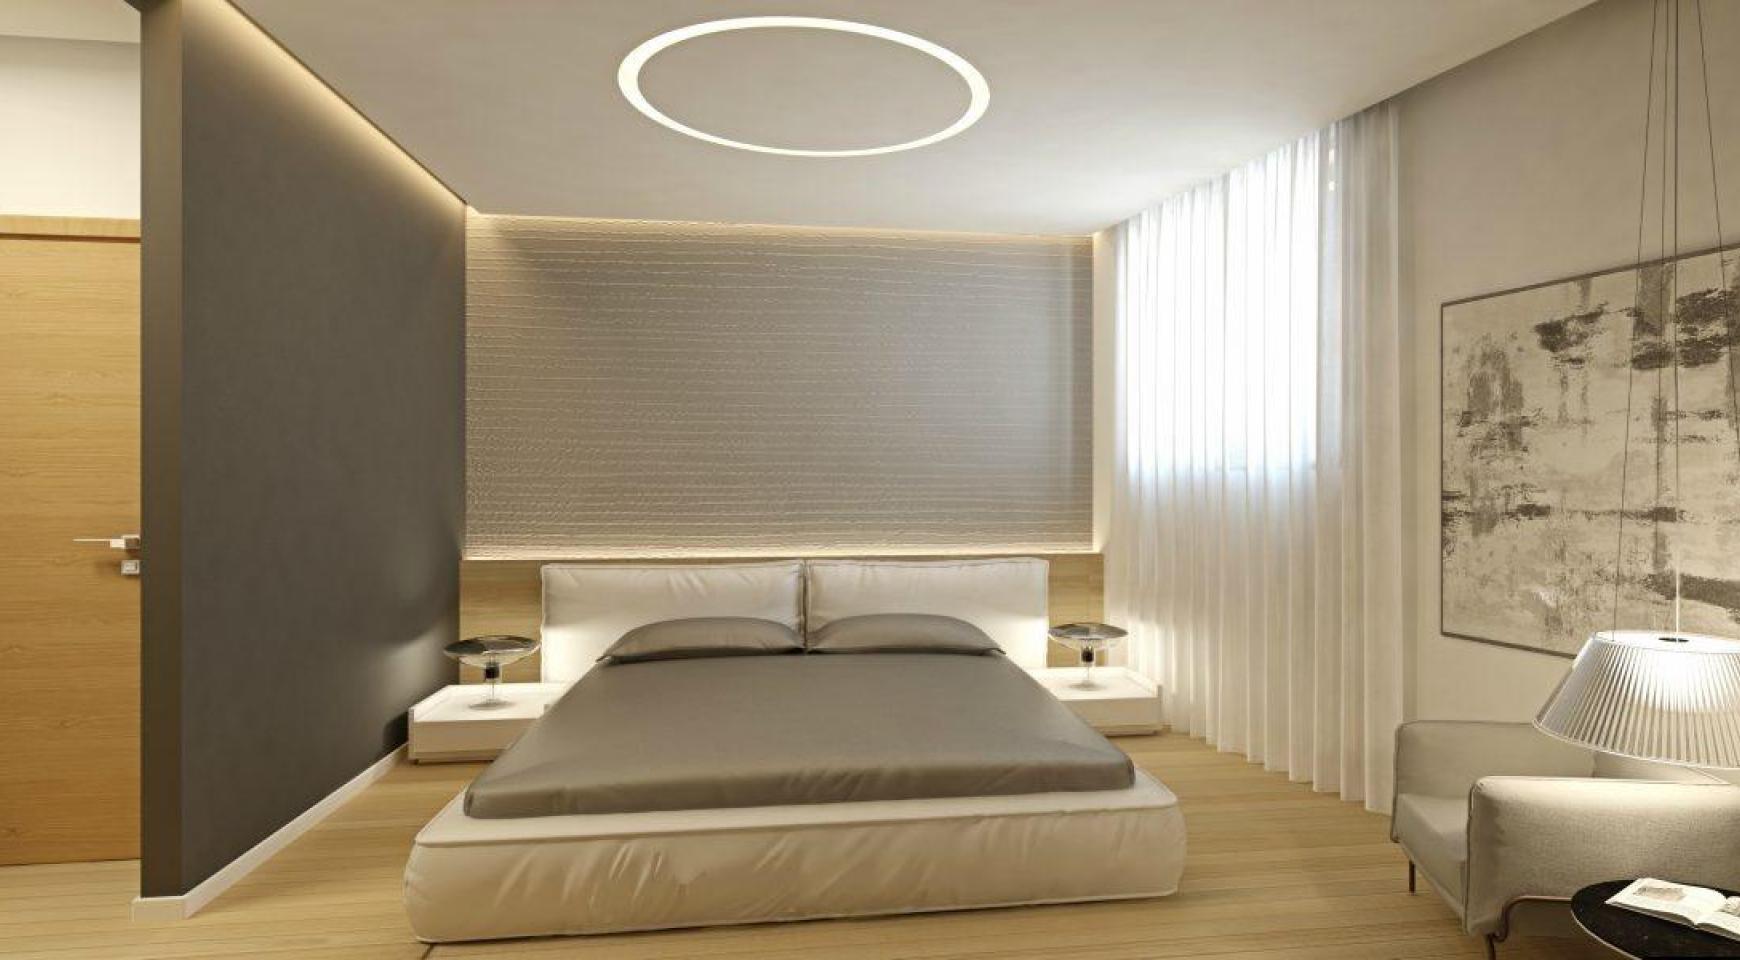 Современный 4-Спальный Пентхаус в Новом Уникальном Проекте у Моря - 19